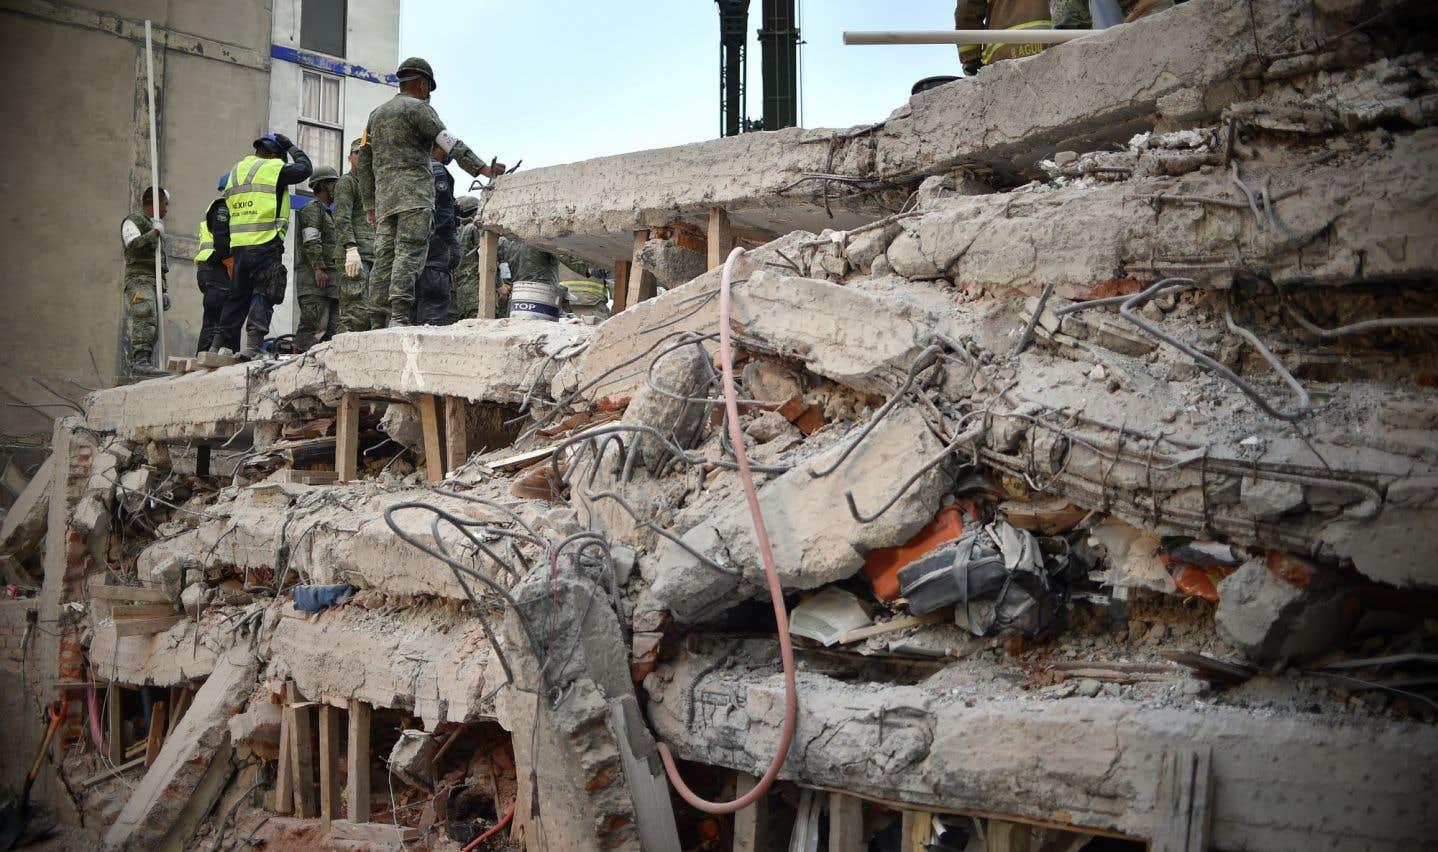 Le tremblement de terre, de magnitude 7,1, a fait s'effondrer au moins 50 immeubles à Mexico.